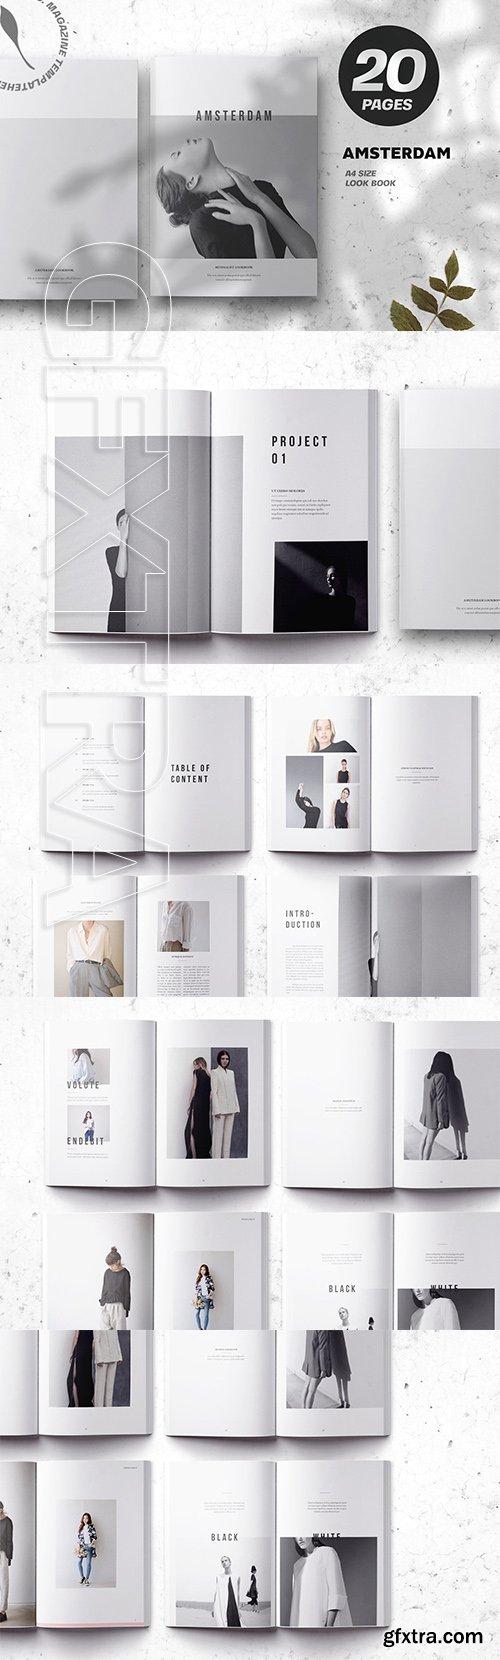 CreativeMarket - Amsterdam Minimalist Lookbook 3709854